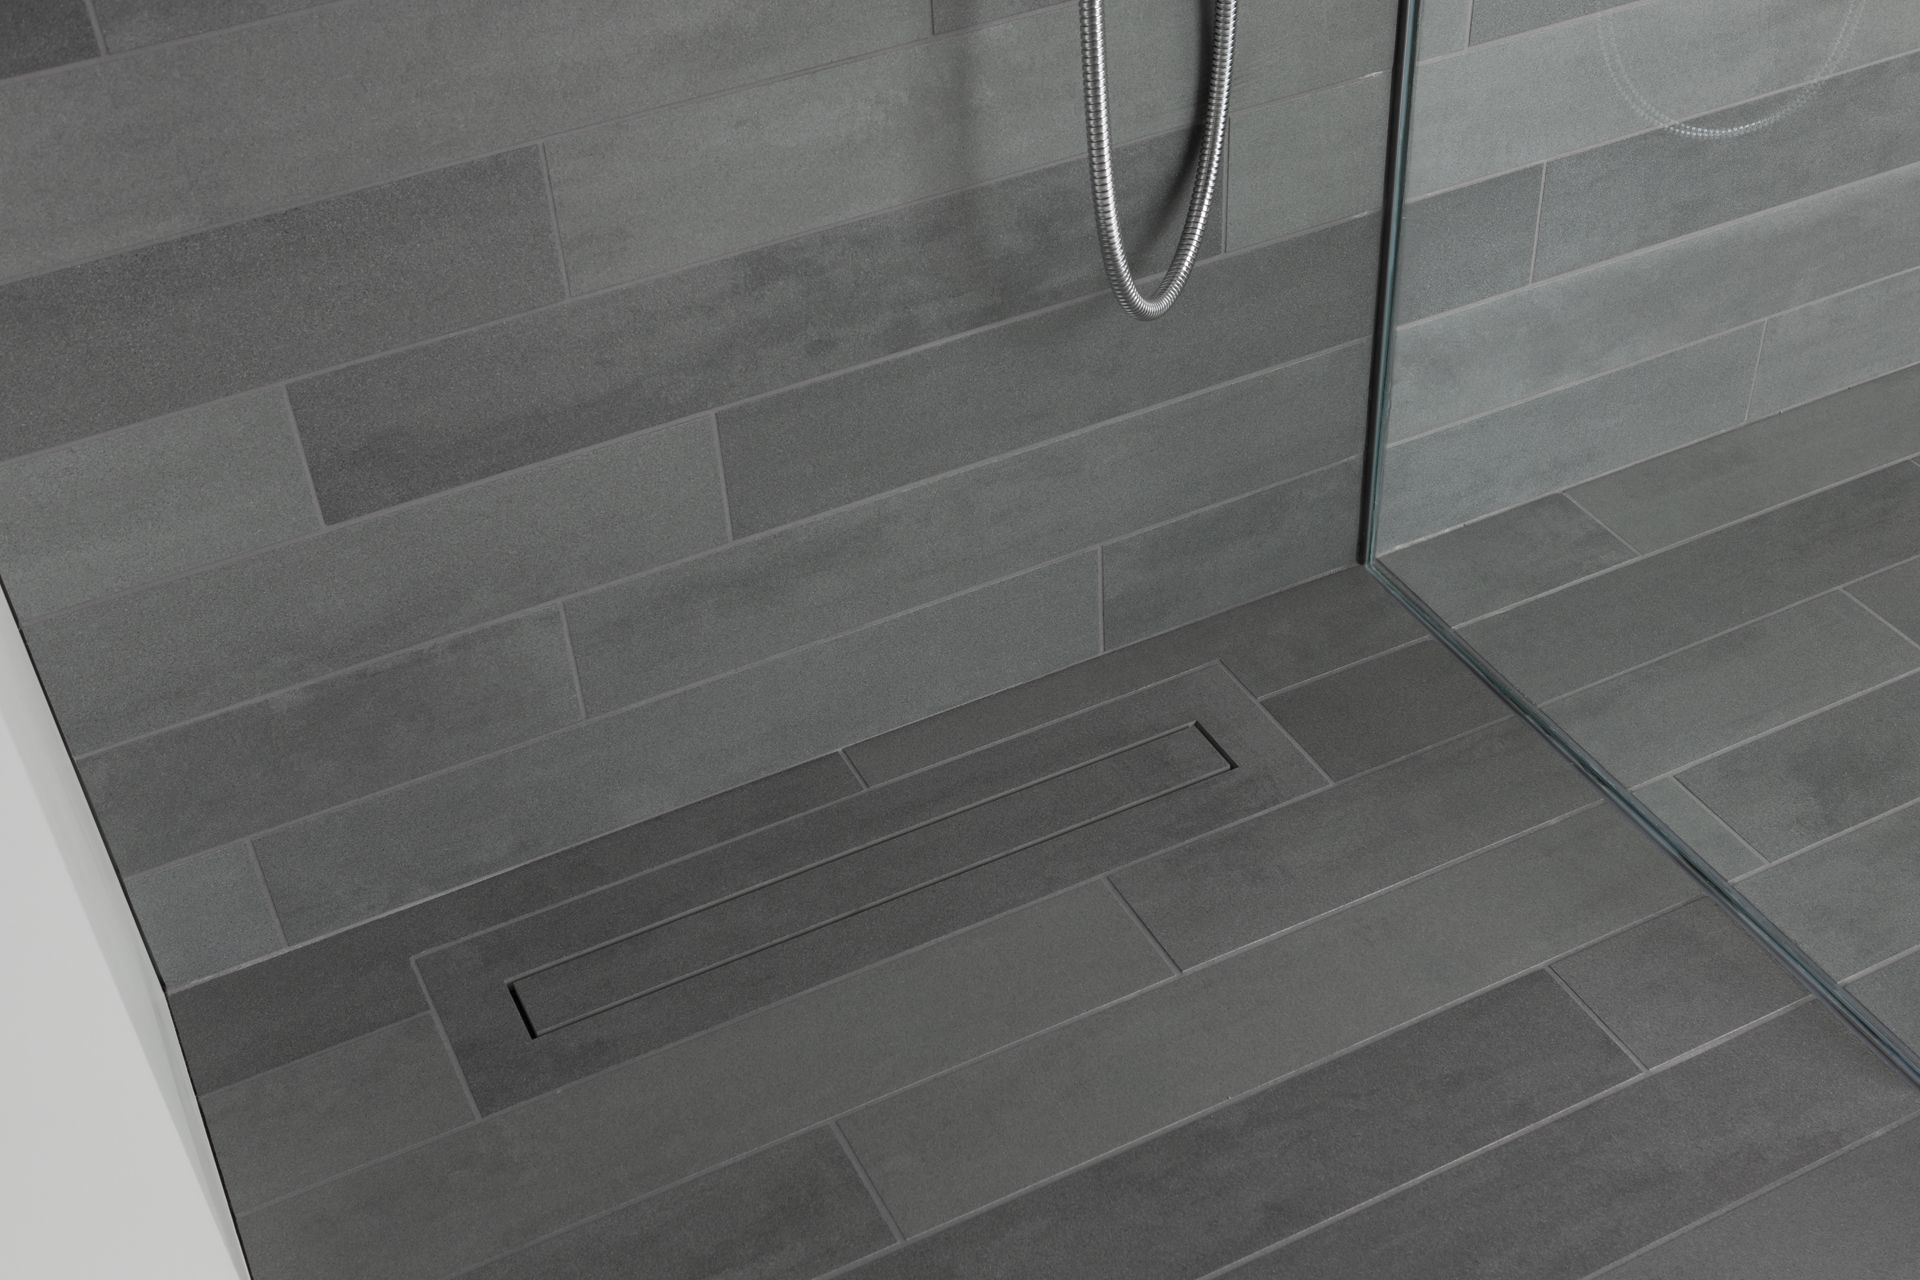 Terra tones grijsgroen mix 10 x 60 cm m215vt terra tones grijsgroen mix 10 x 60 cm m215vt pinterest bath room bungalow and bath ppazfo